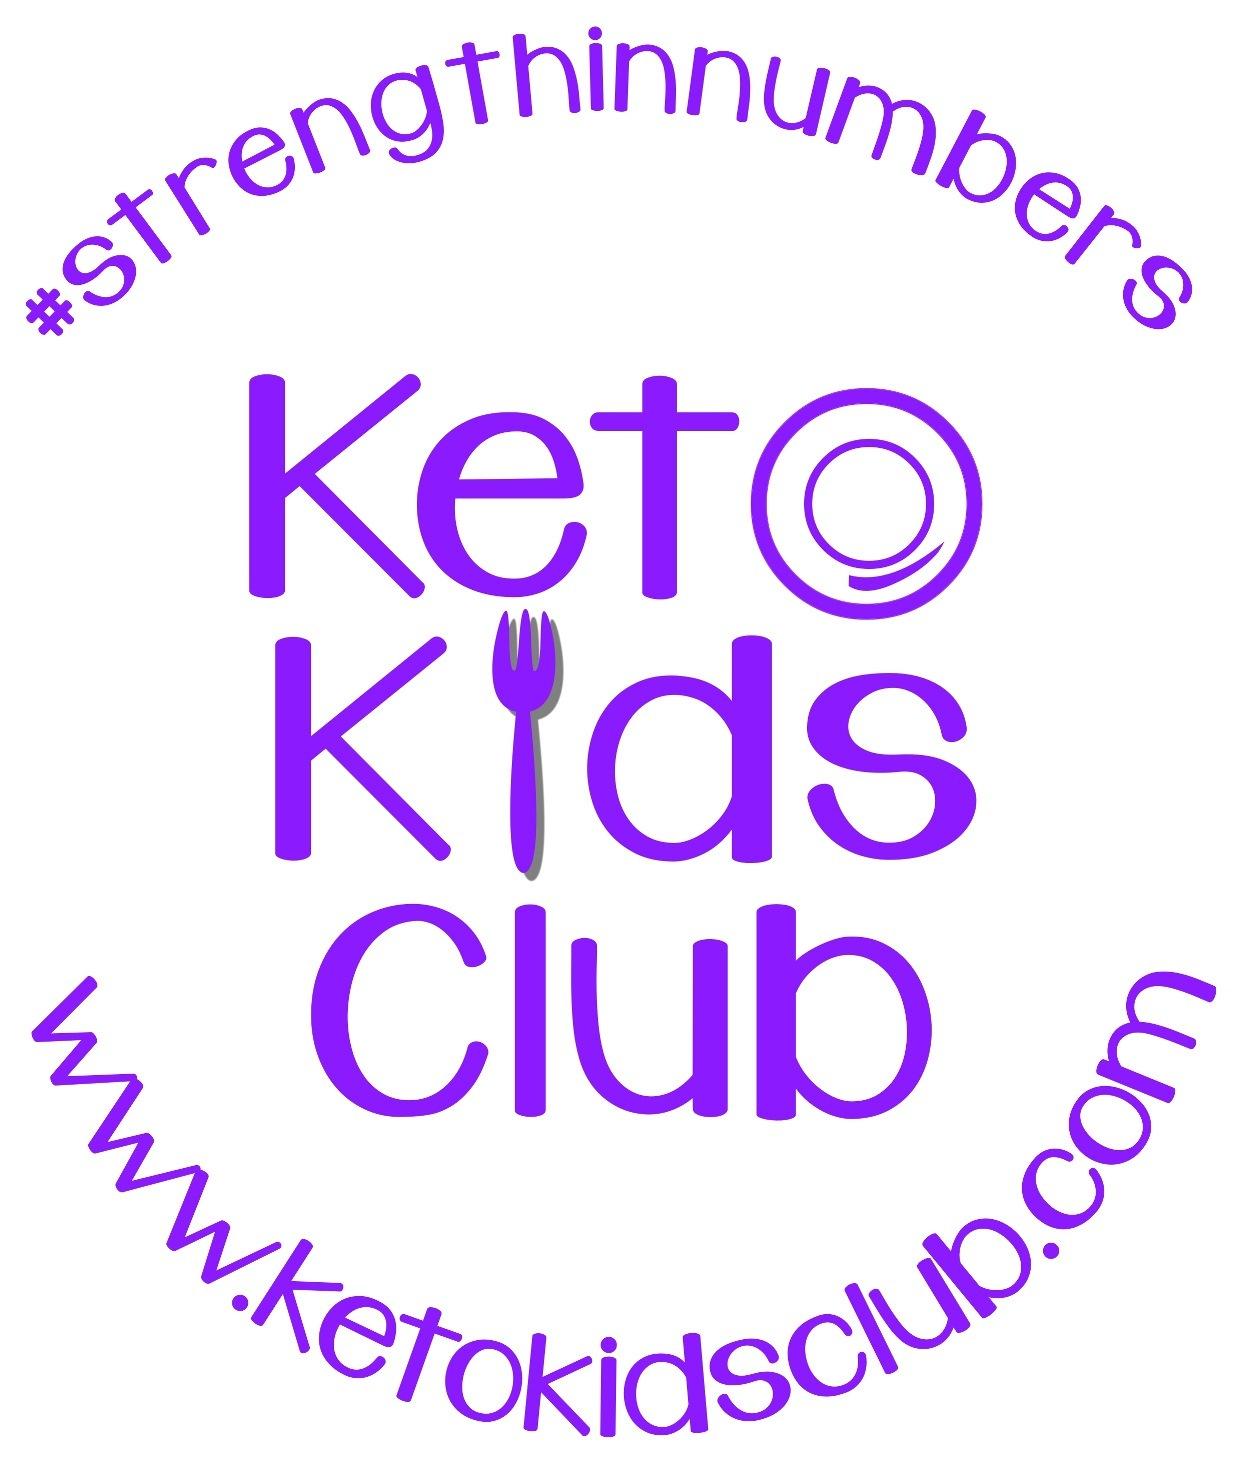 924657c4378be1e37d4f_KetoKidsClubLogo_web2.jpg